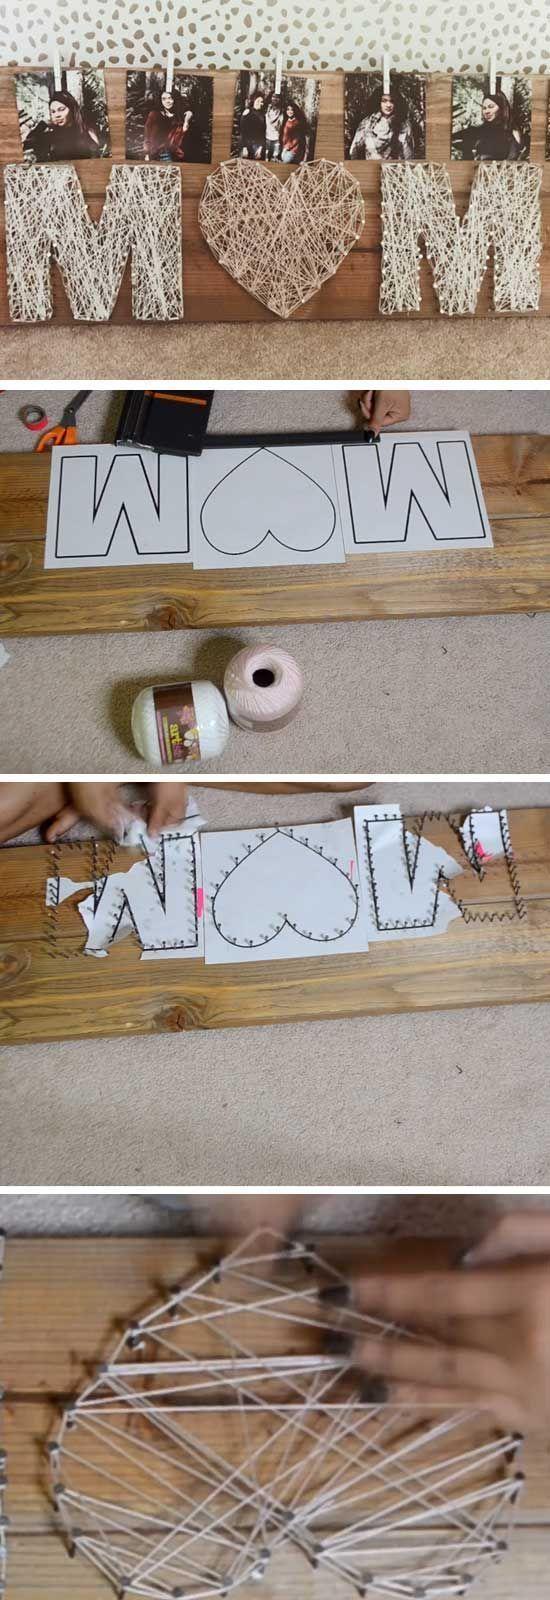 Mom String Art   DIY Muttertagsgeschenke vom Teenager - #ART #DIY #Mom #Muttertagsgeschenke #String #Teenager #vom